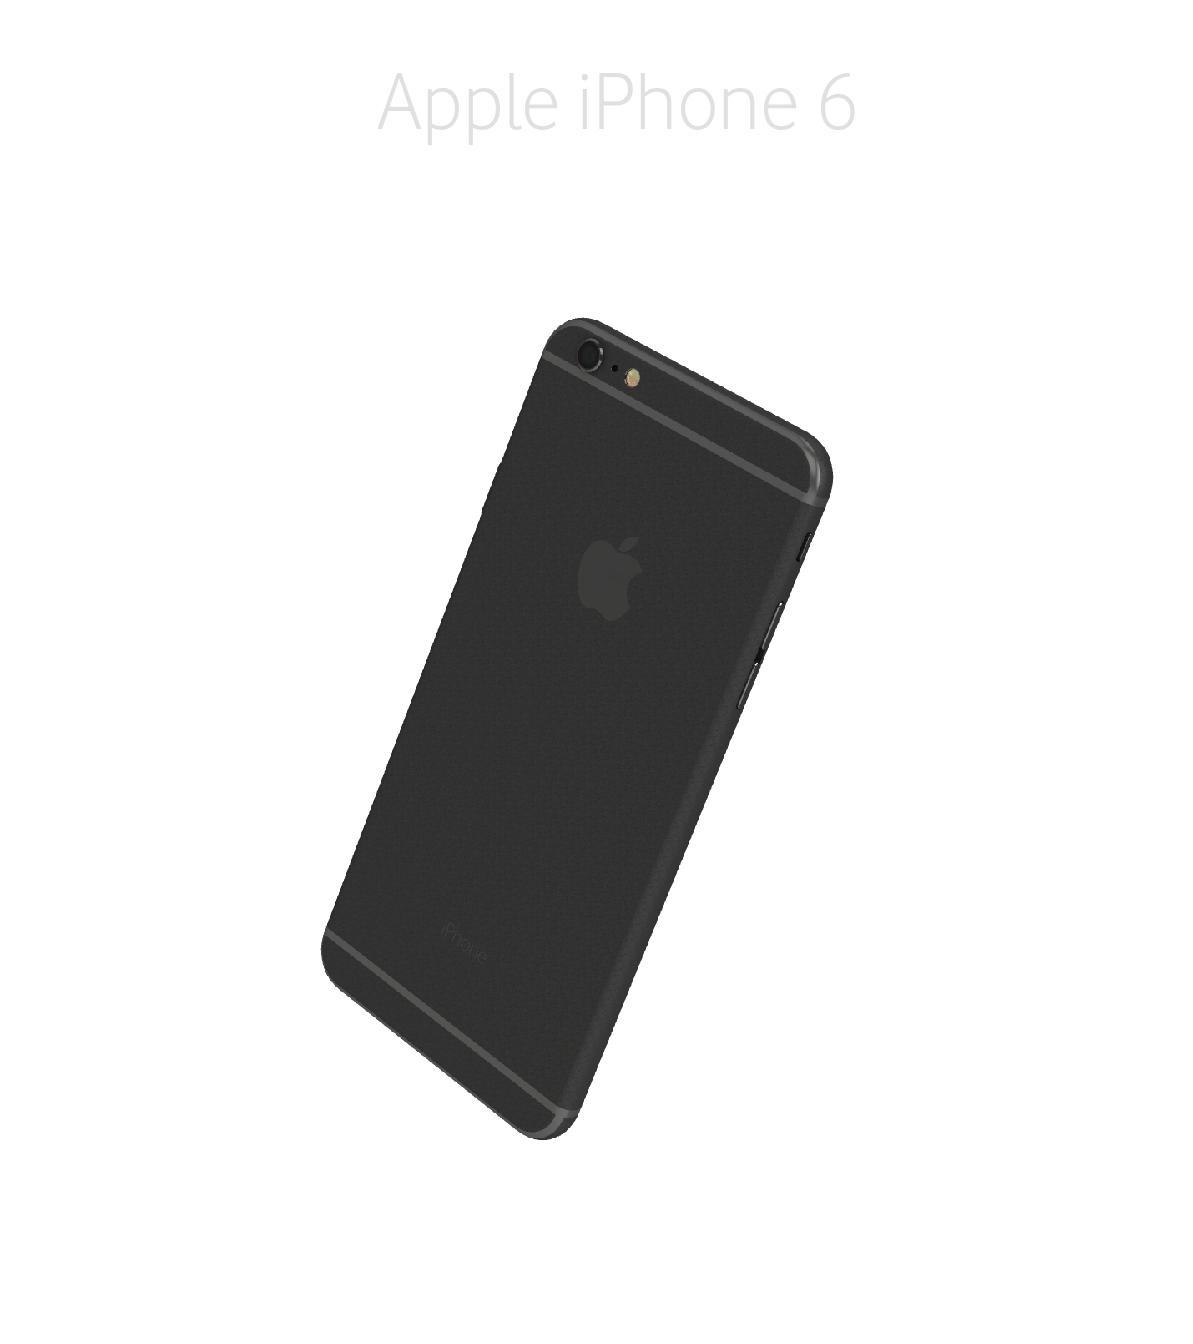 Laga baksida/chassi iPhone 6